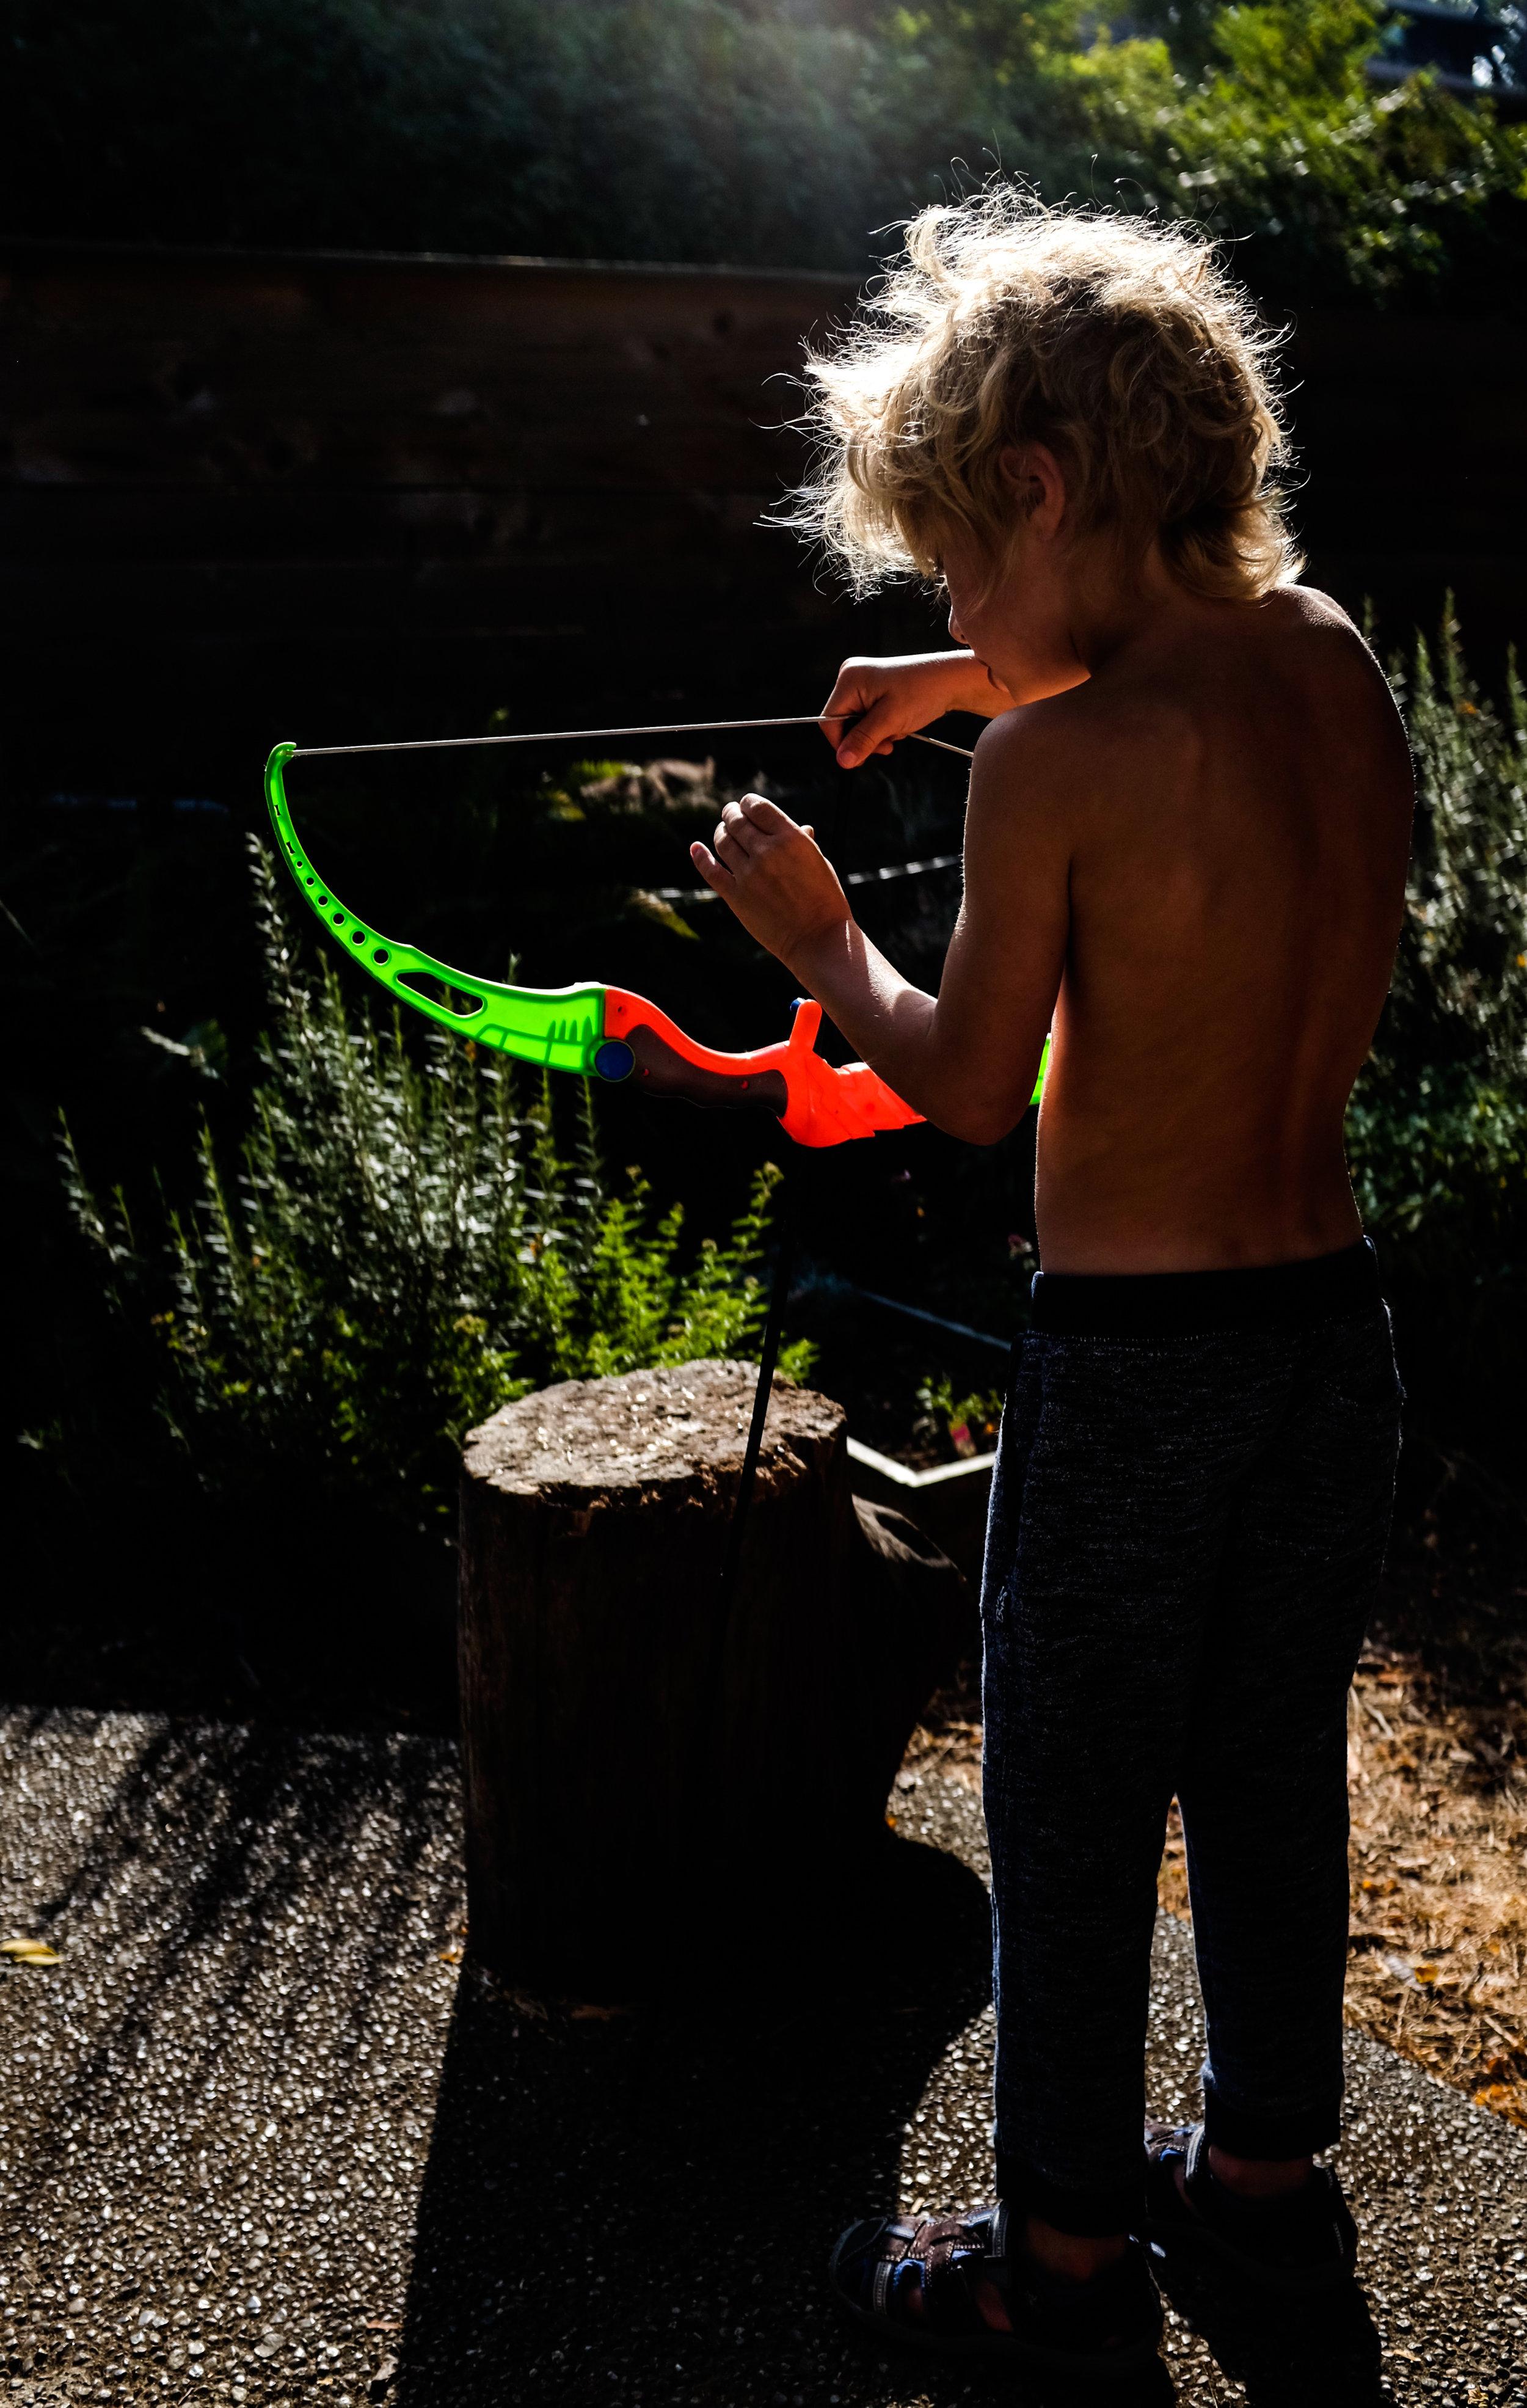 archery children Seattle portrait toy